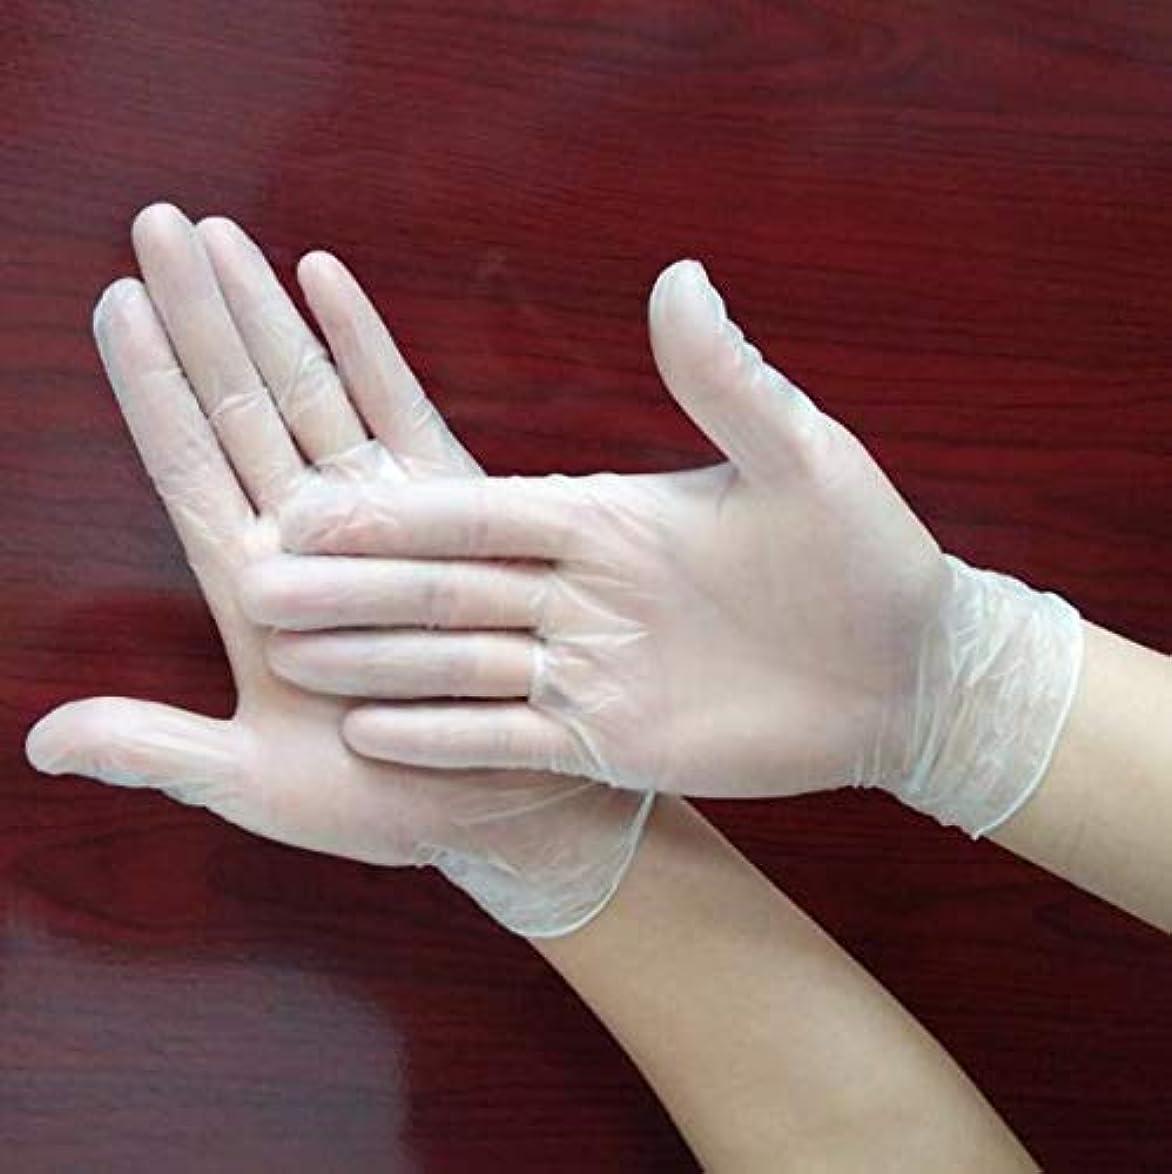 とんでもないダイエット脚本ハッピー 使い捨てPVC手袋 ベルテプラテ 使い捨て手袋 PVCグローブ 粉なし パウダーフリー 左右兼用 (M)